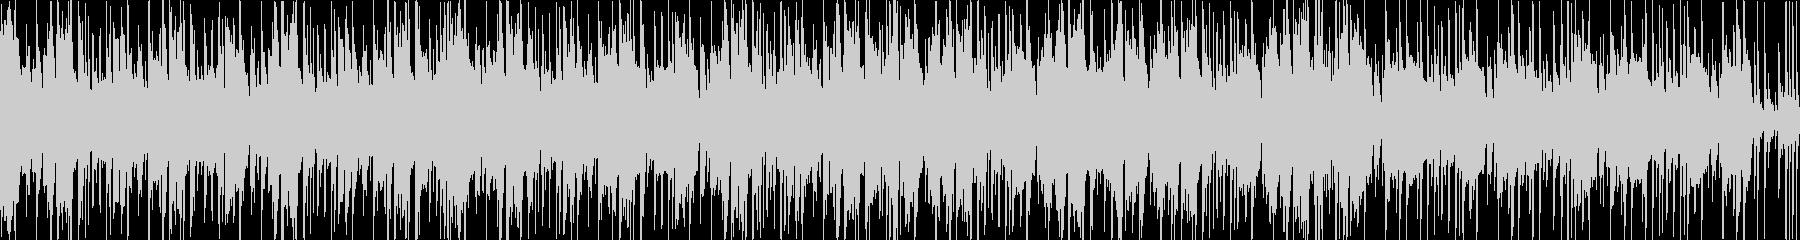 【1分】ダンス・アメコミ系ファンクBGMの未再生の波形